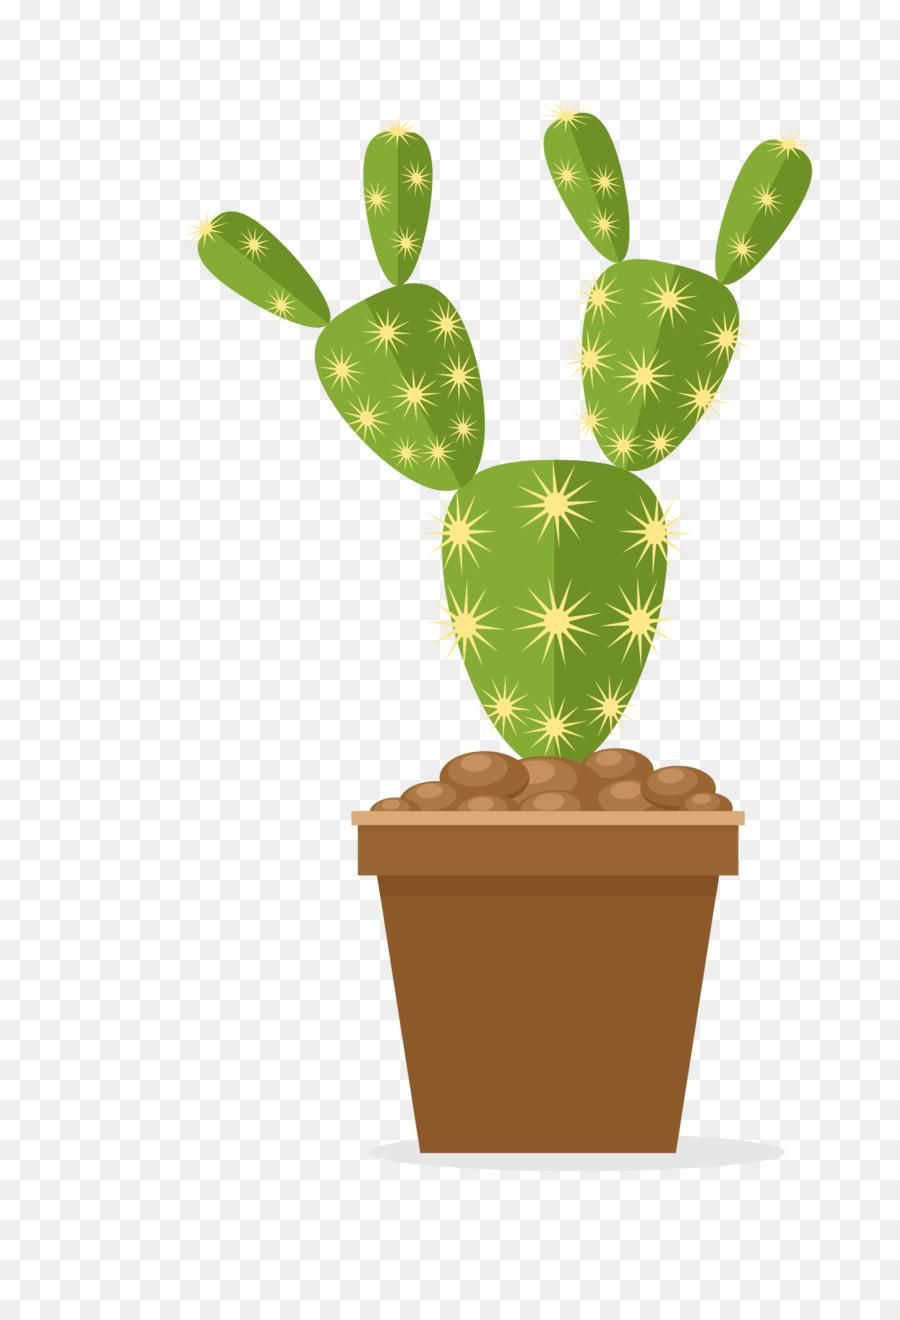 Cactus clipart nopal. Prickly pear cactaceae flowerpot